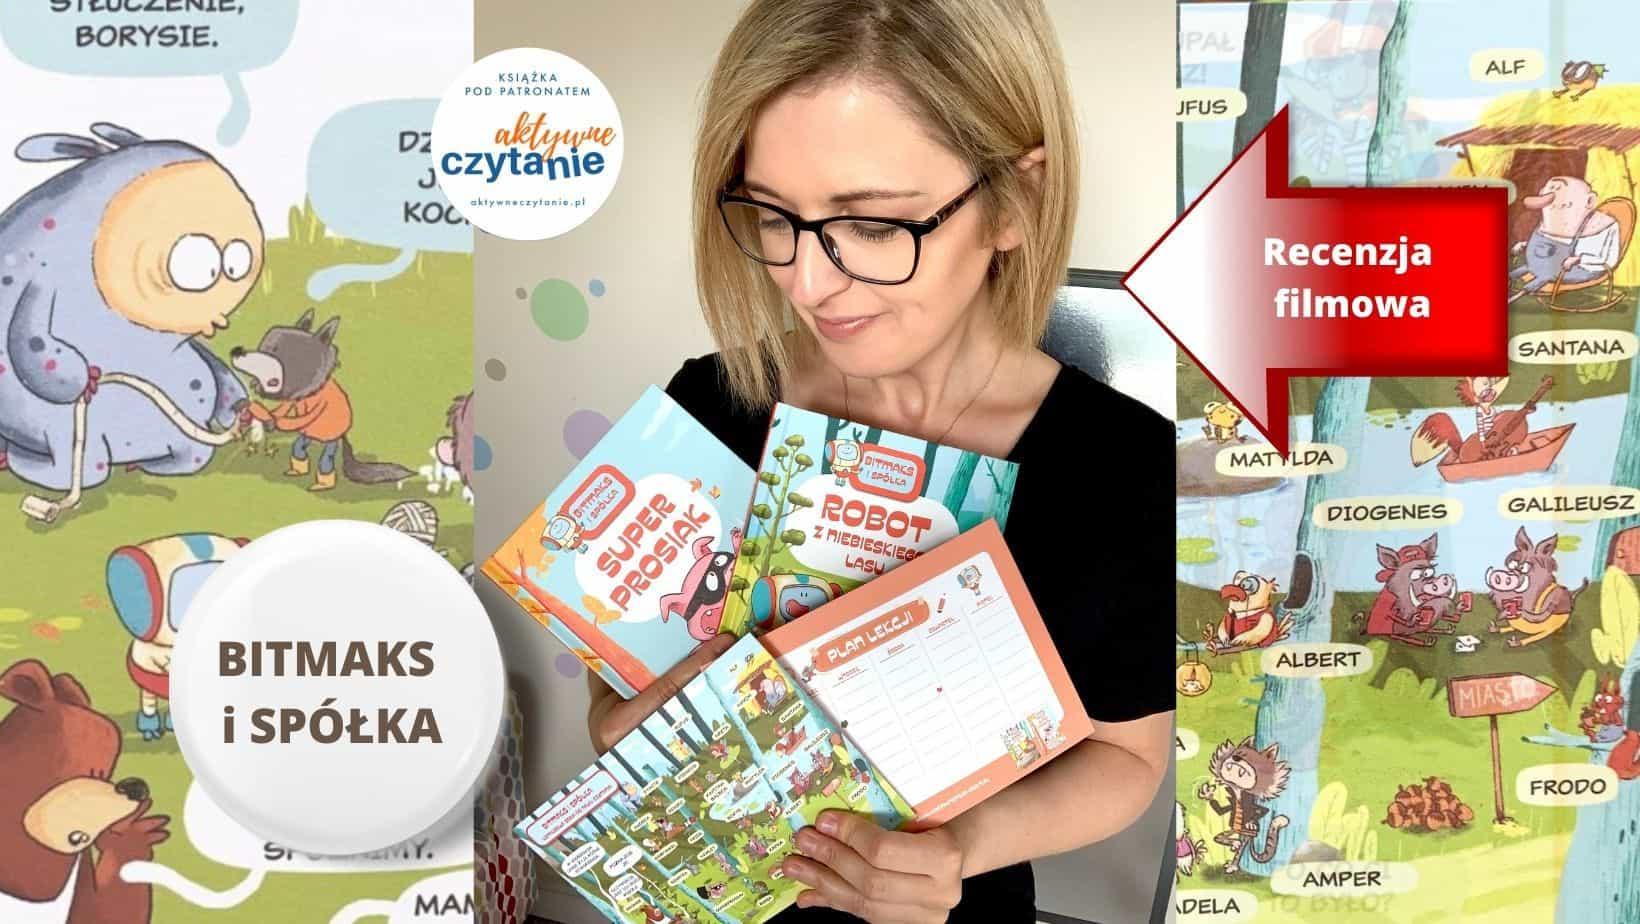 bitmaks ispolka recenzja komiksy donauki czytania ksiazki dla dzieci anna jankowska